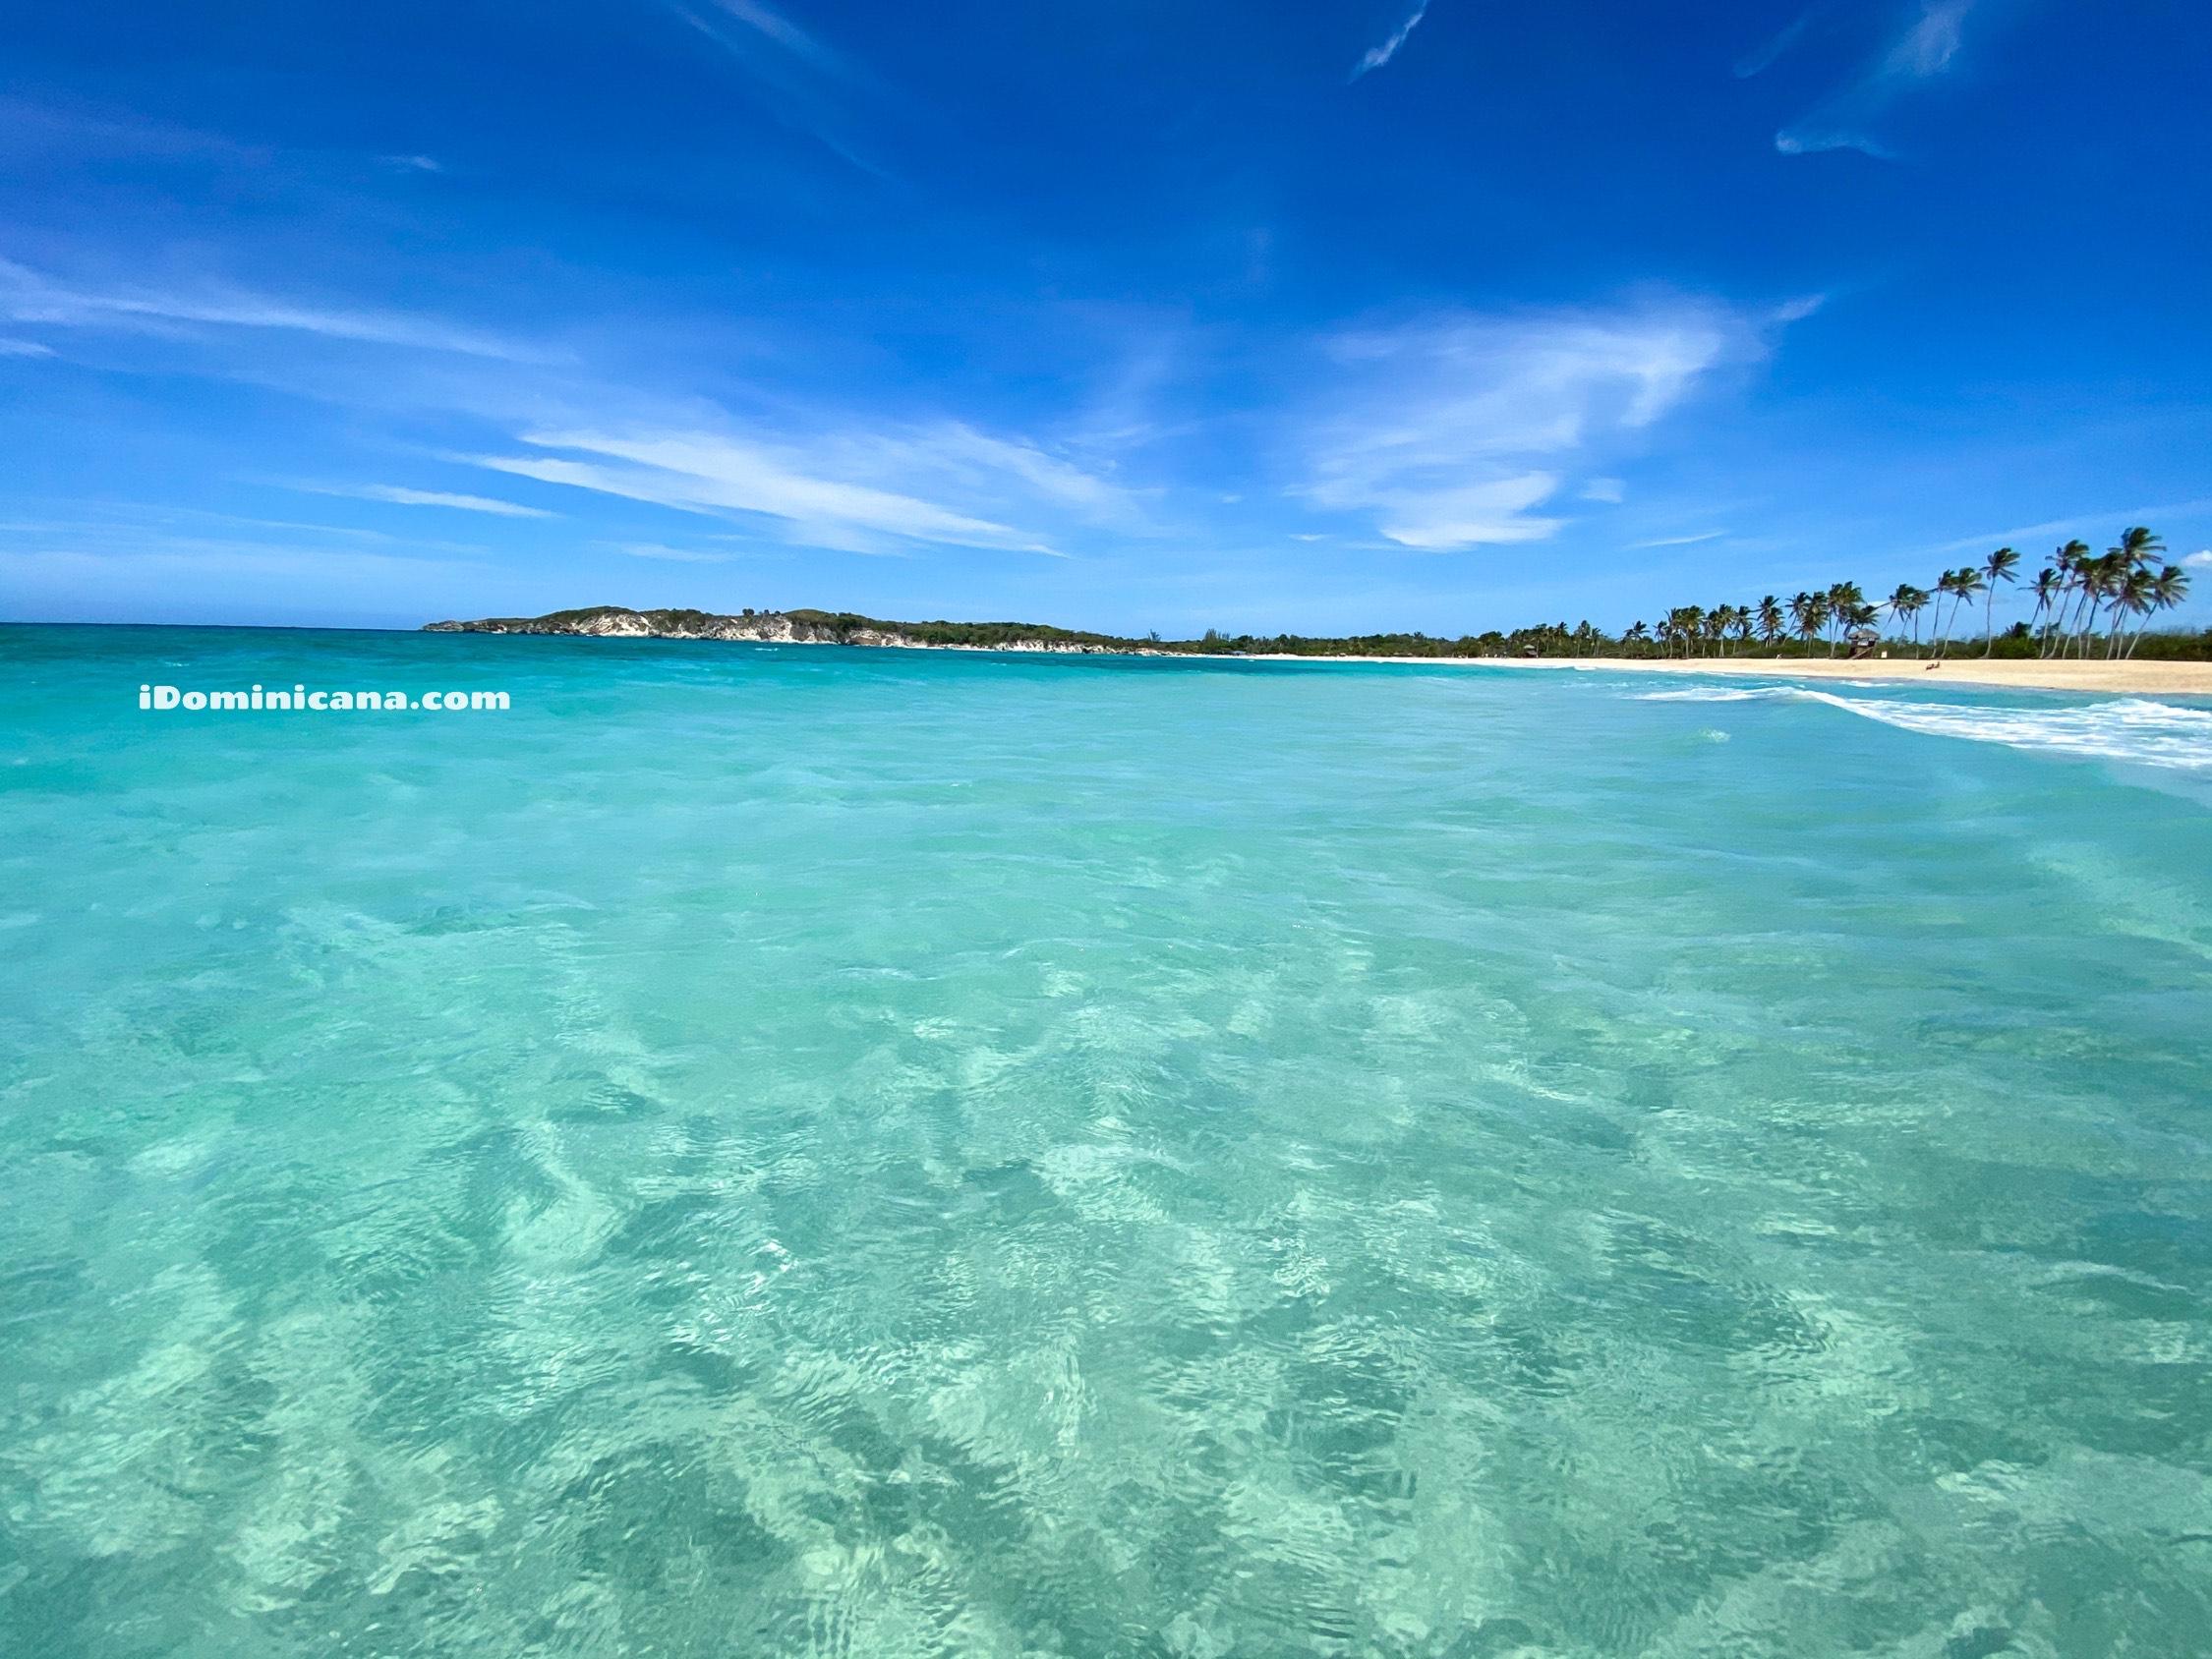 Пляж Макао (Доминикана): фото, видео, полезная информация iDominicana.com